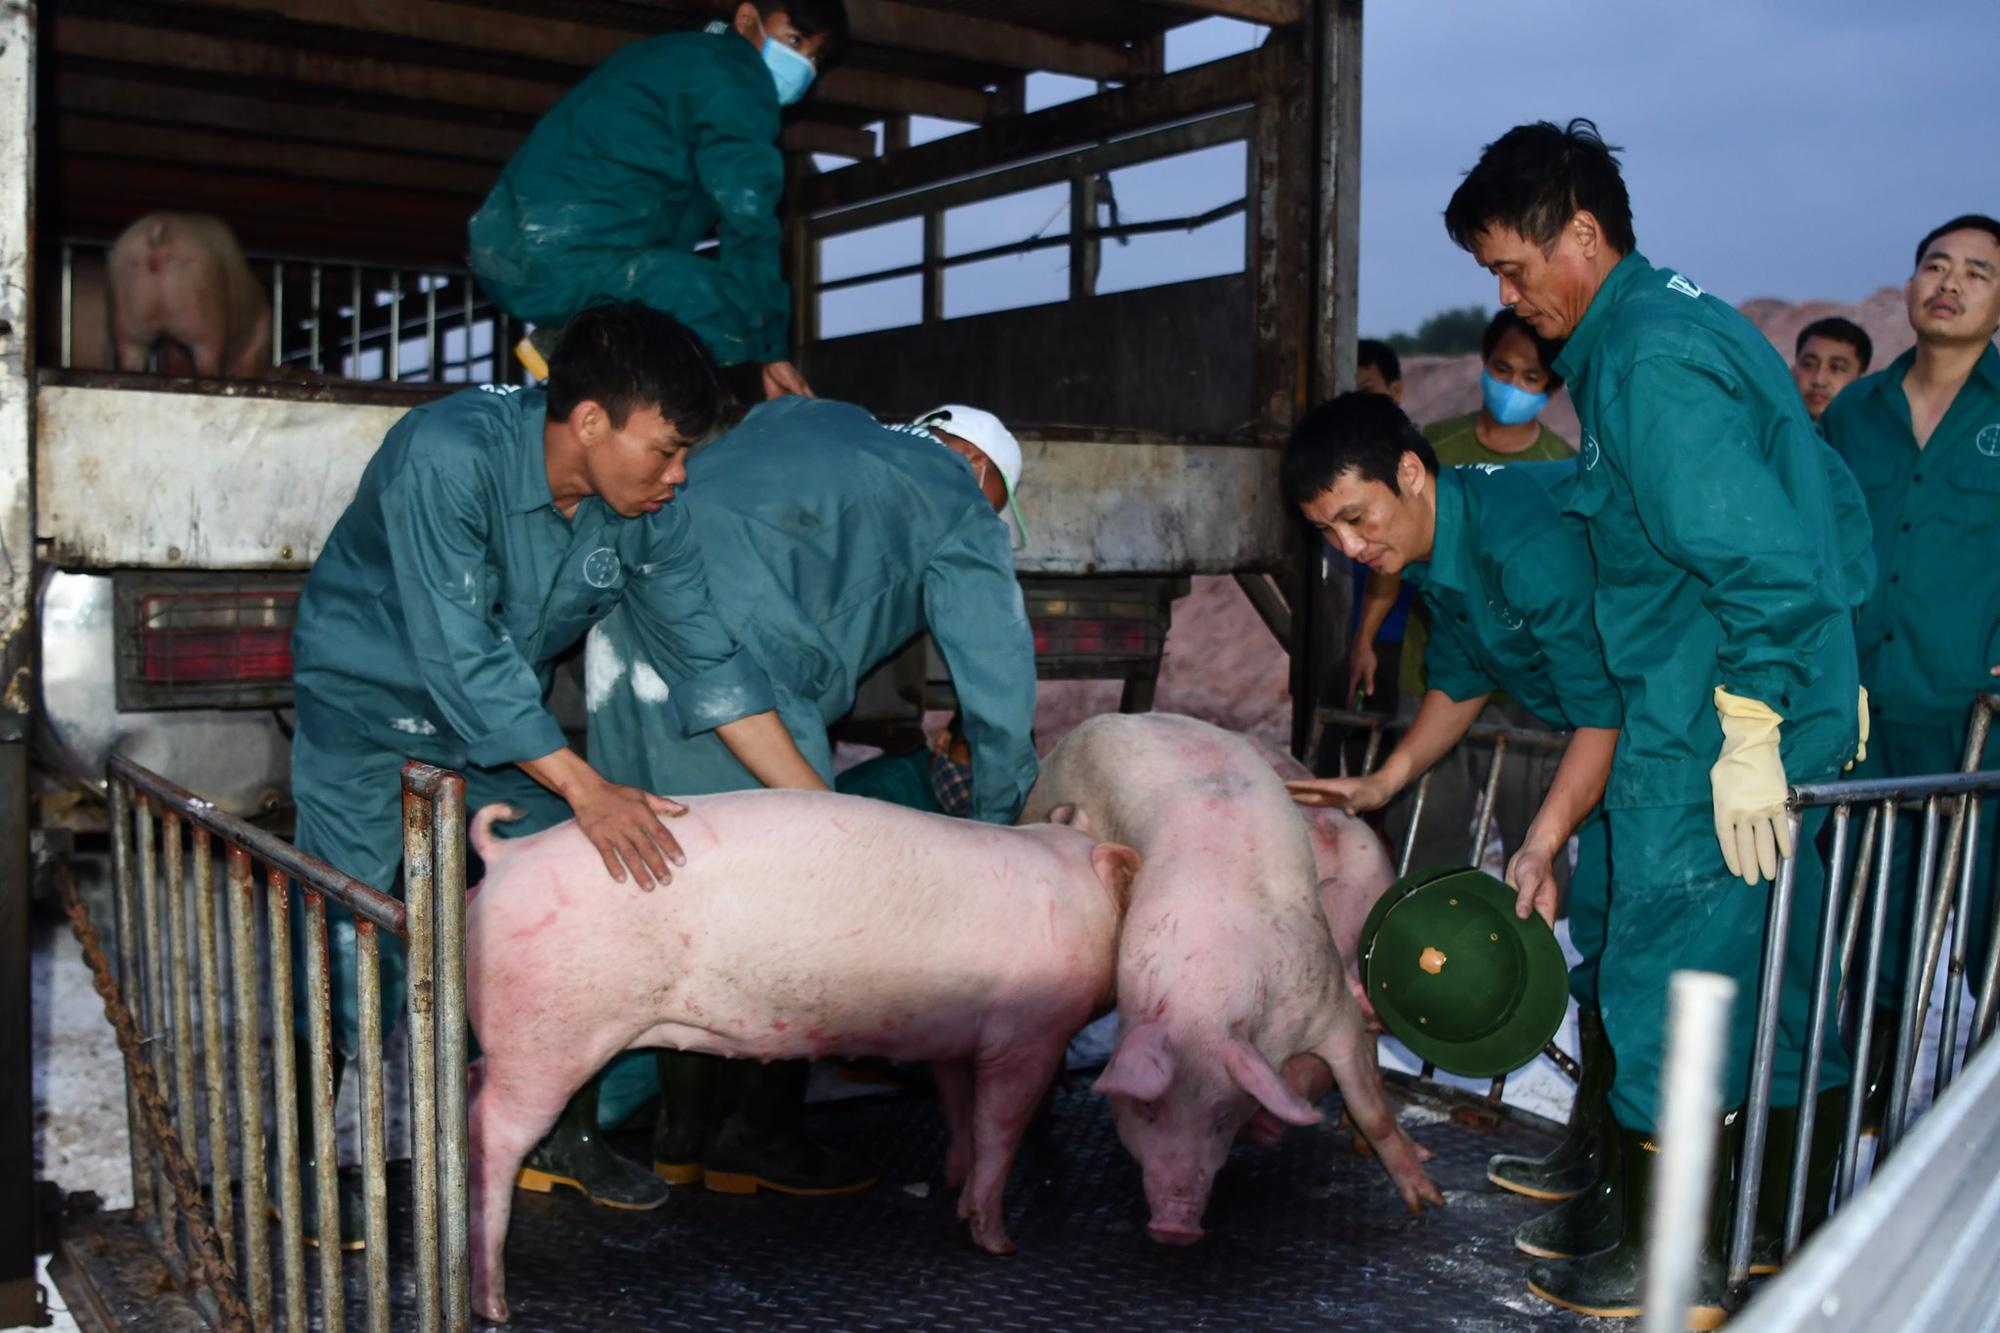 Giá heo hơi hôm nay 12/6: Doanh nghiệp đăng ký nhập 800.000 con lợn từ Thái Lan, giá heo hơi ra sao? - Ảnh 1.